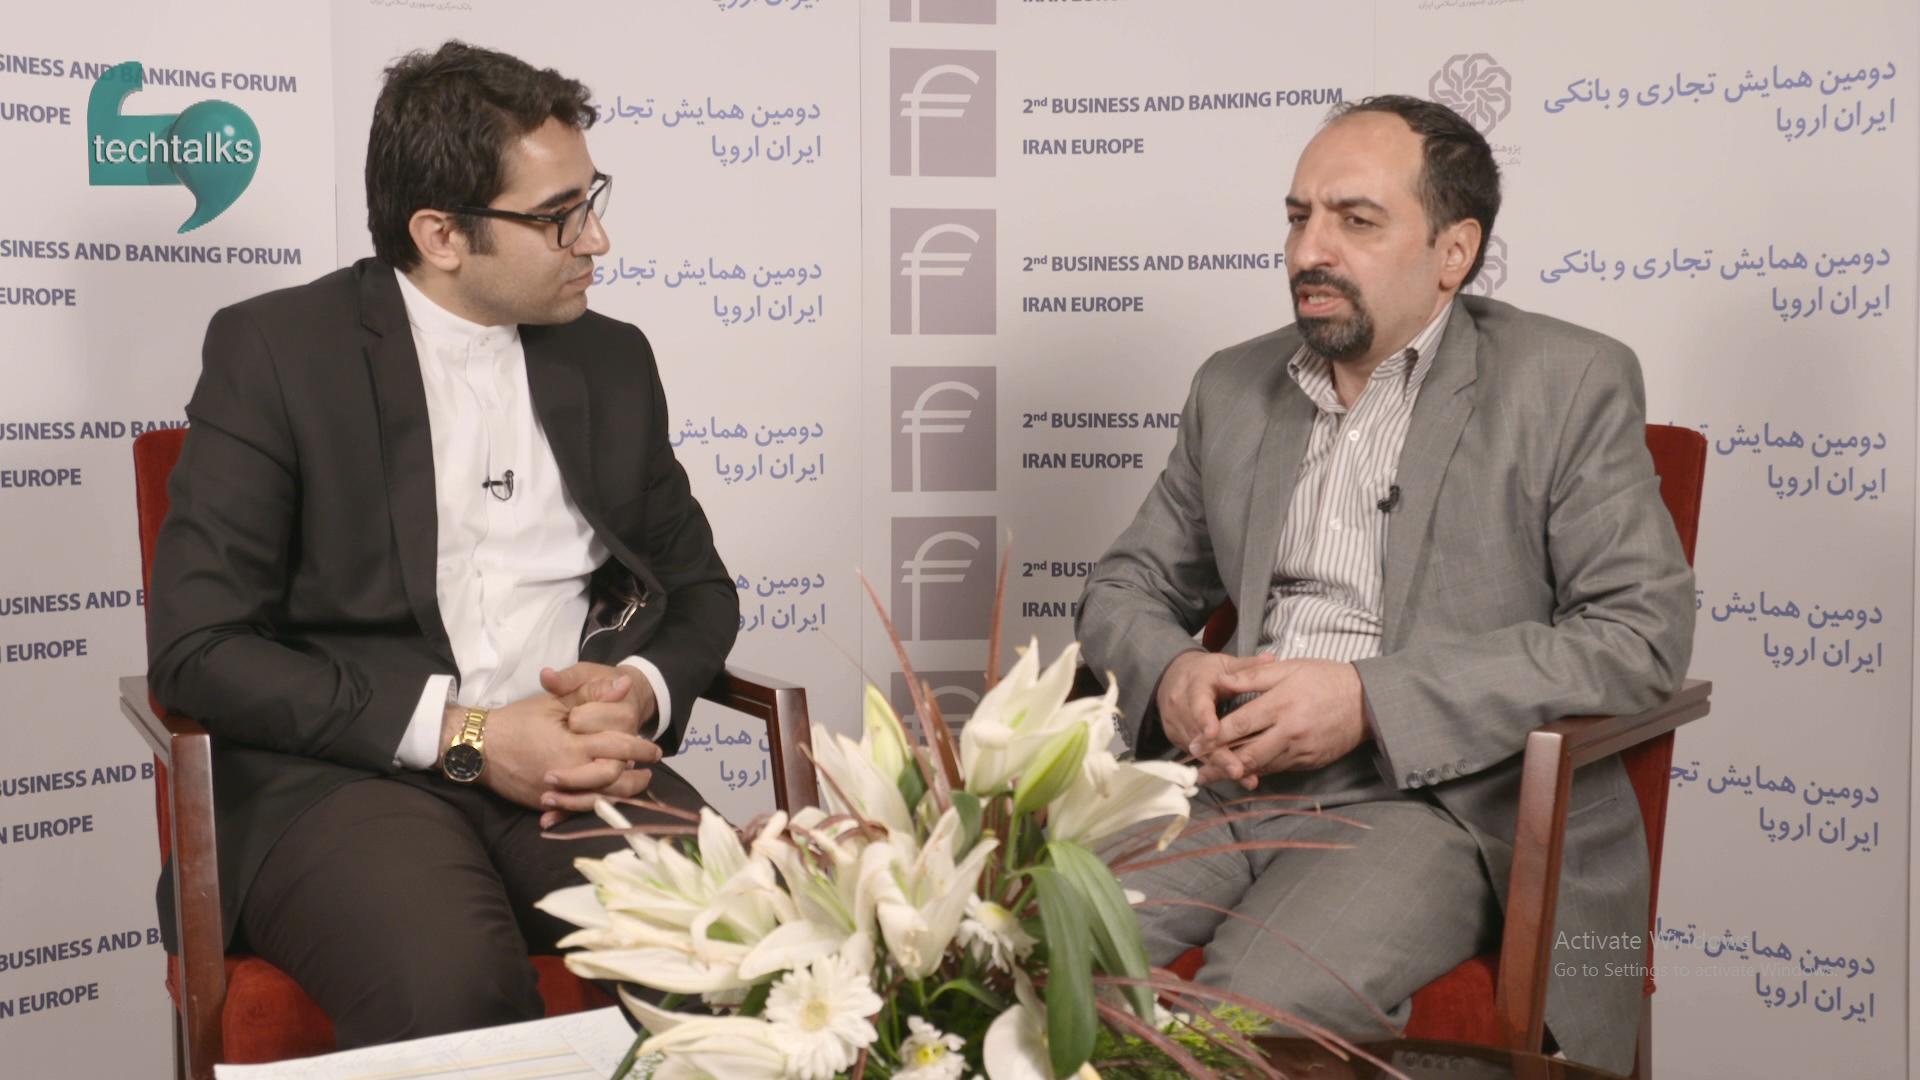 تک تاکس - همایش تجاری و بانکی ایران اروپا(30)- گفتگو با کارشناسان - 3 - techtalks.ir